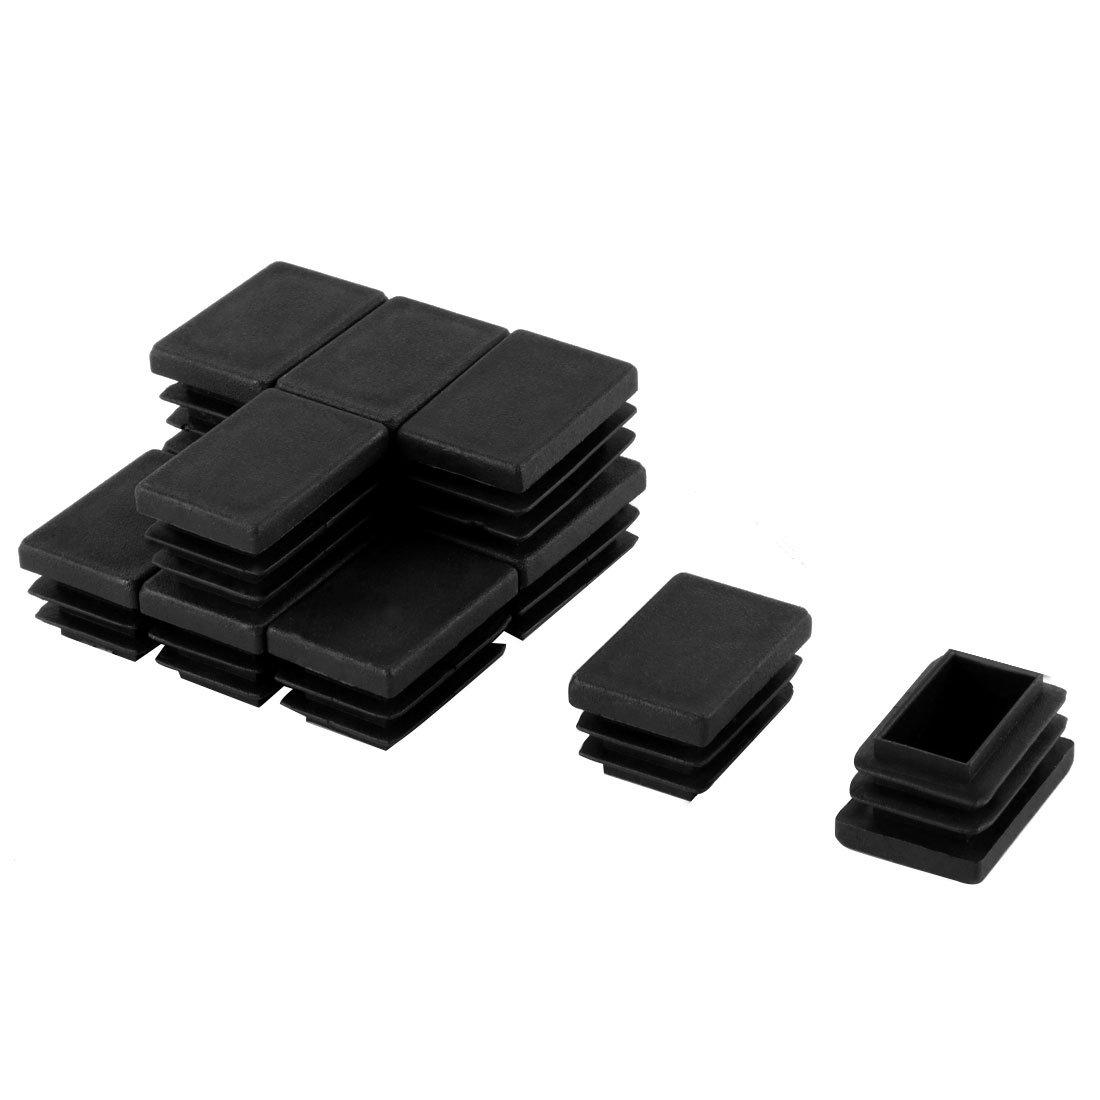 20 millimeter x30 mil/ímetros de grosor para tuber/ías de tap/ón obturador tapas protectoras rectangular tubo conector x 12 piezas